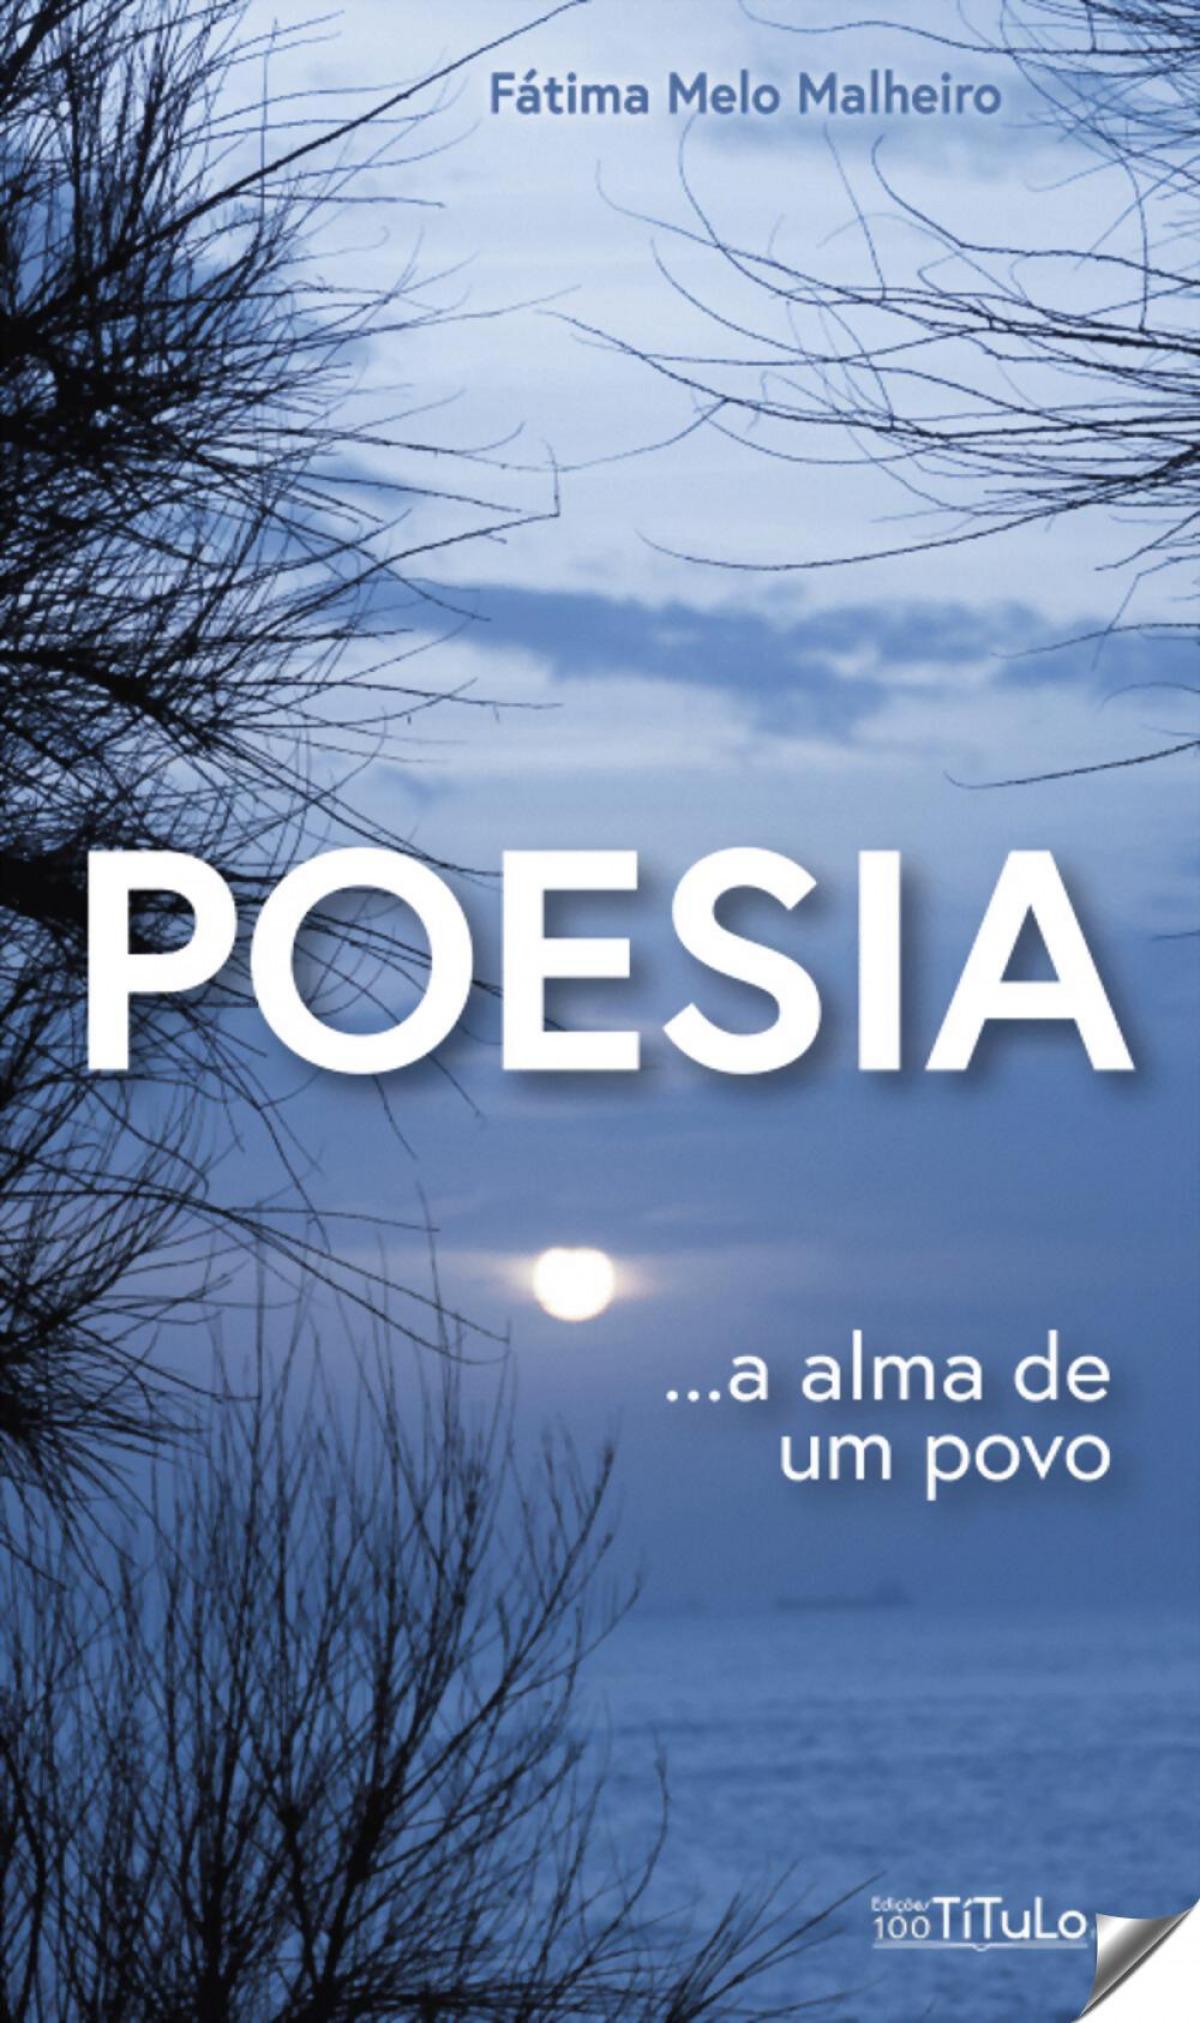 poesia...a alma de um povo